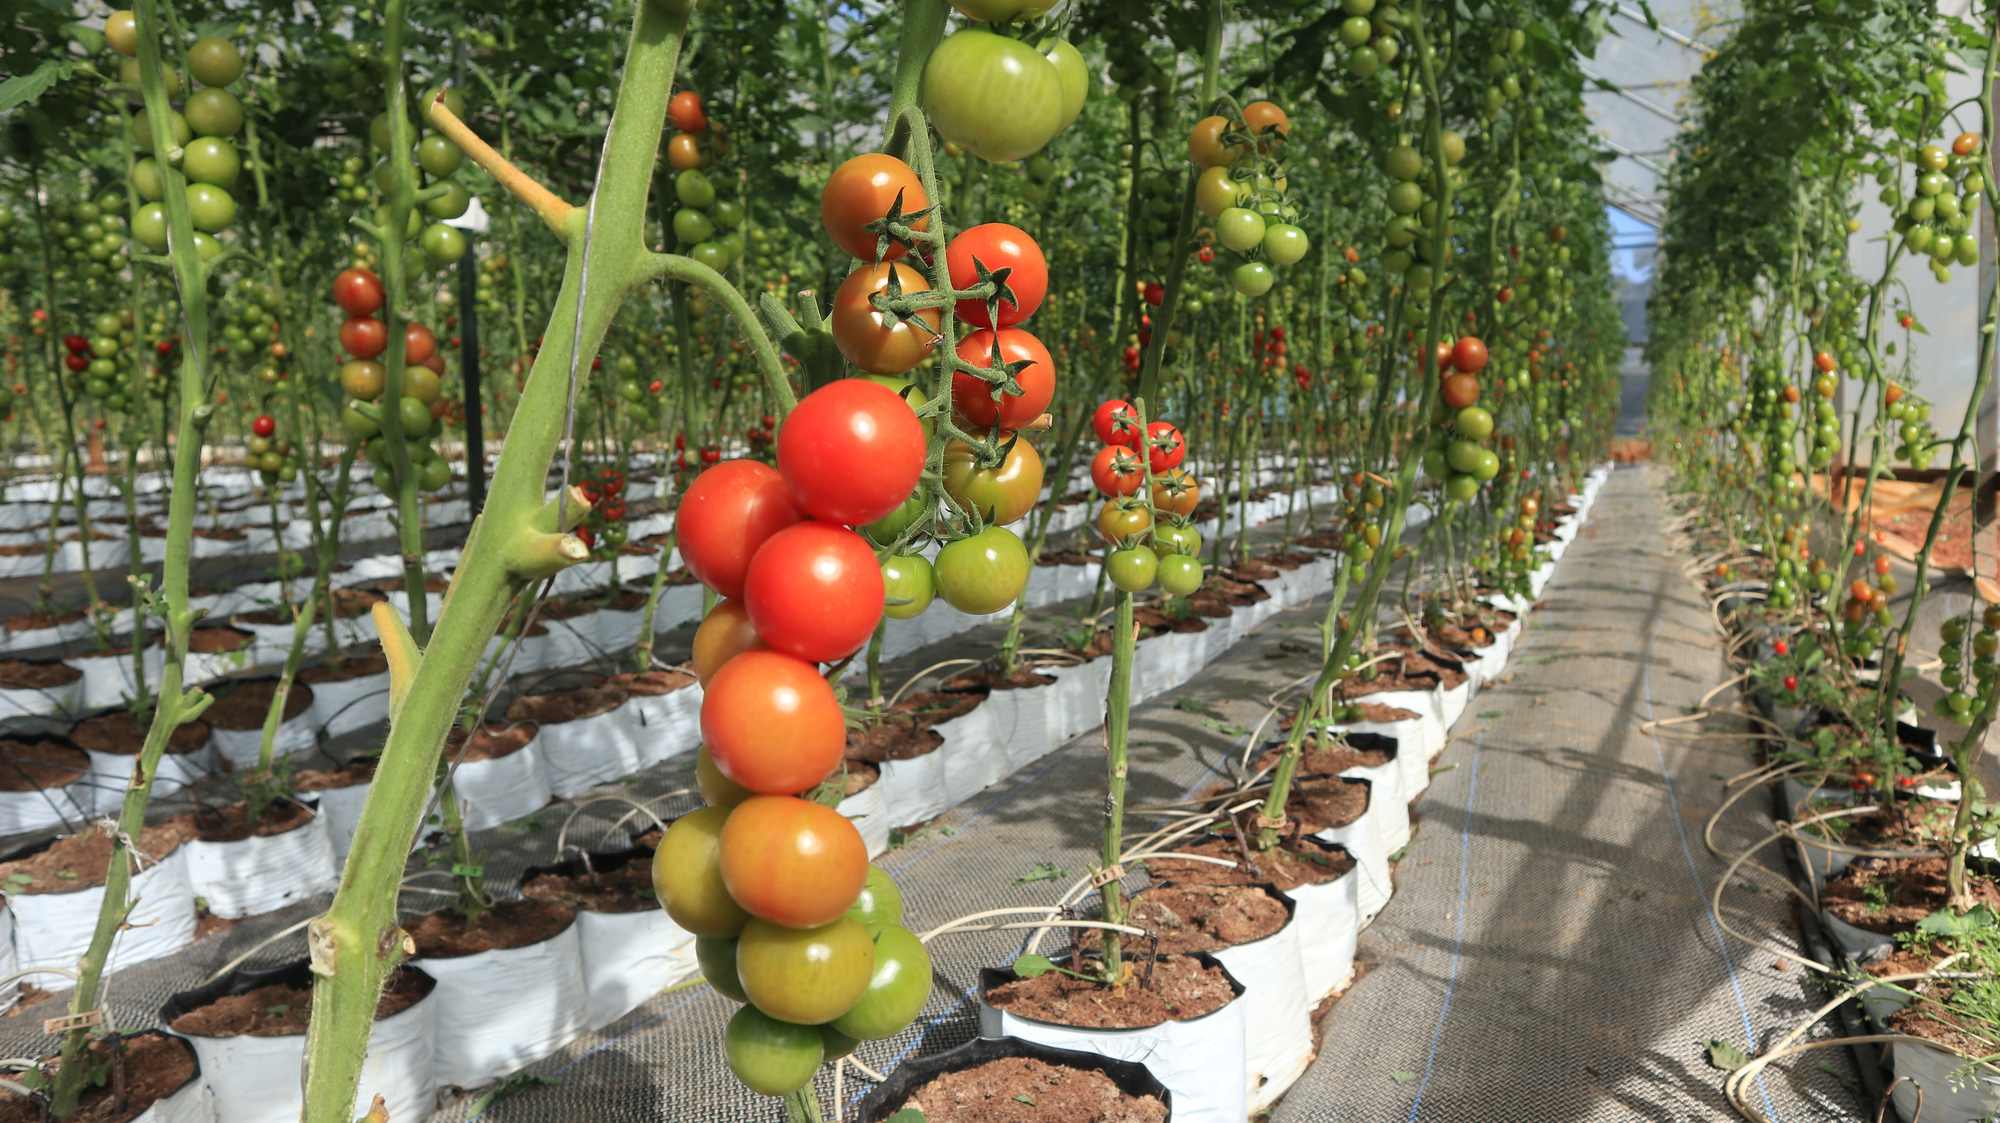 Hơn 15 năm phát triển NNCNC ở Lâm Đồng Bài 3: Nông nghiệp hữu cơ sẽ là hướng đi mới - Ảnh 1.